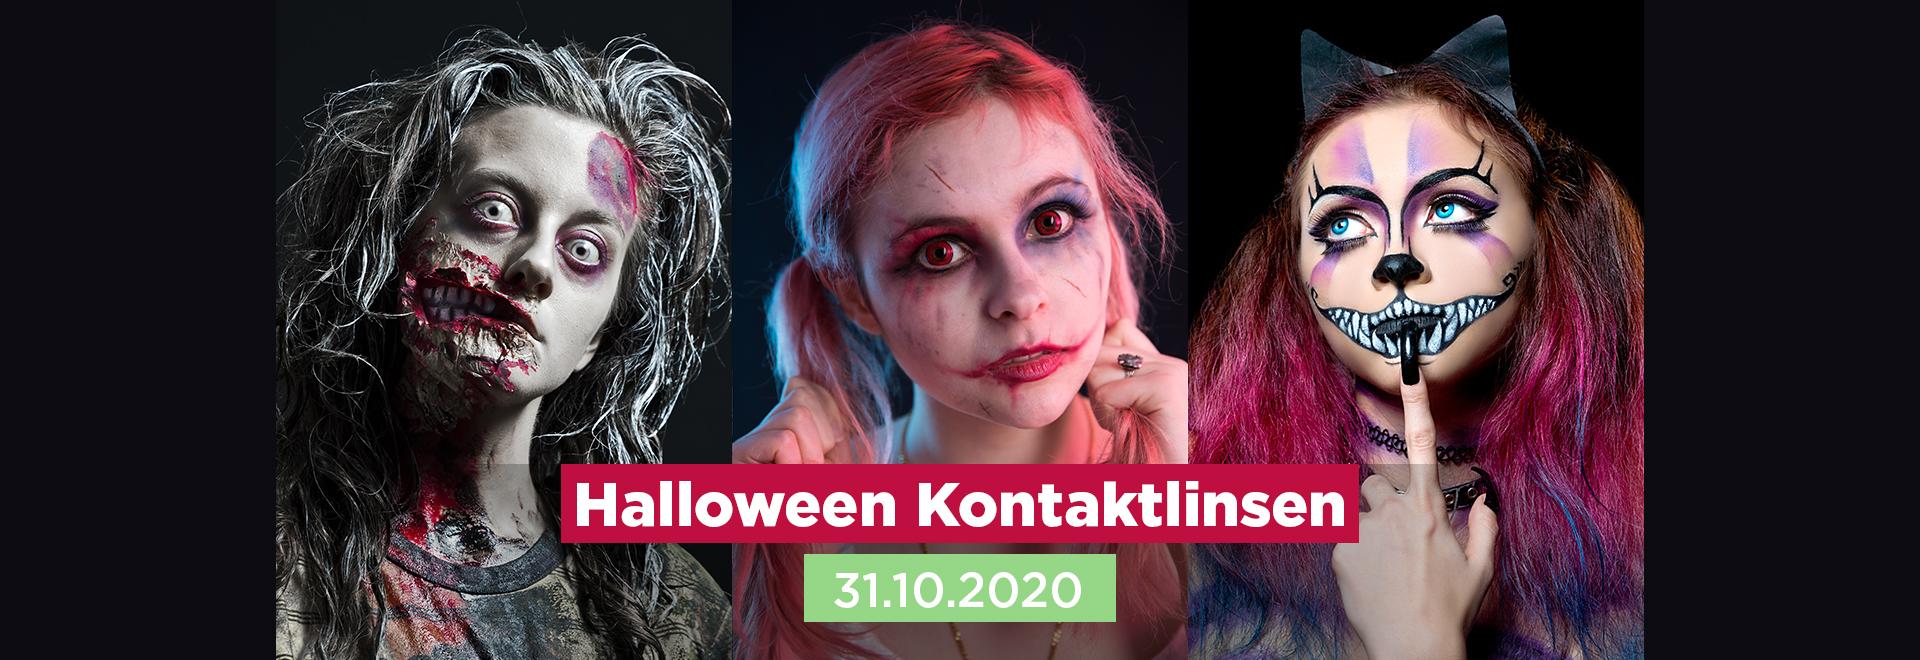 Halloween Kontaktlinsen 2020 31.10.2020